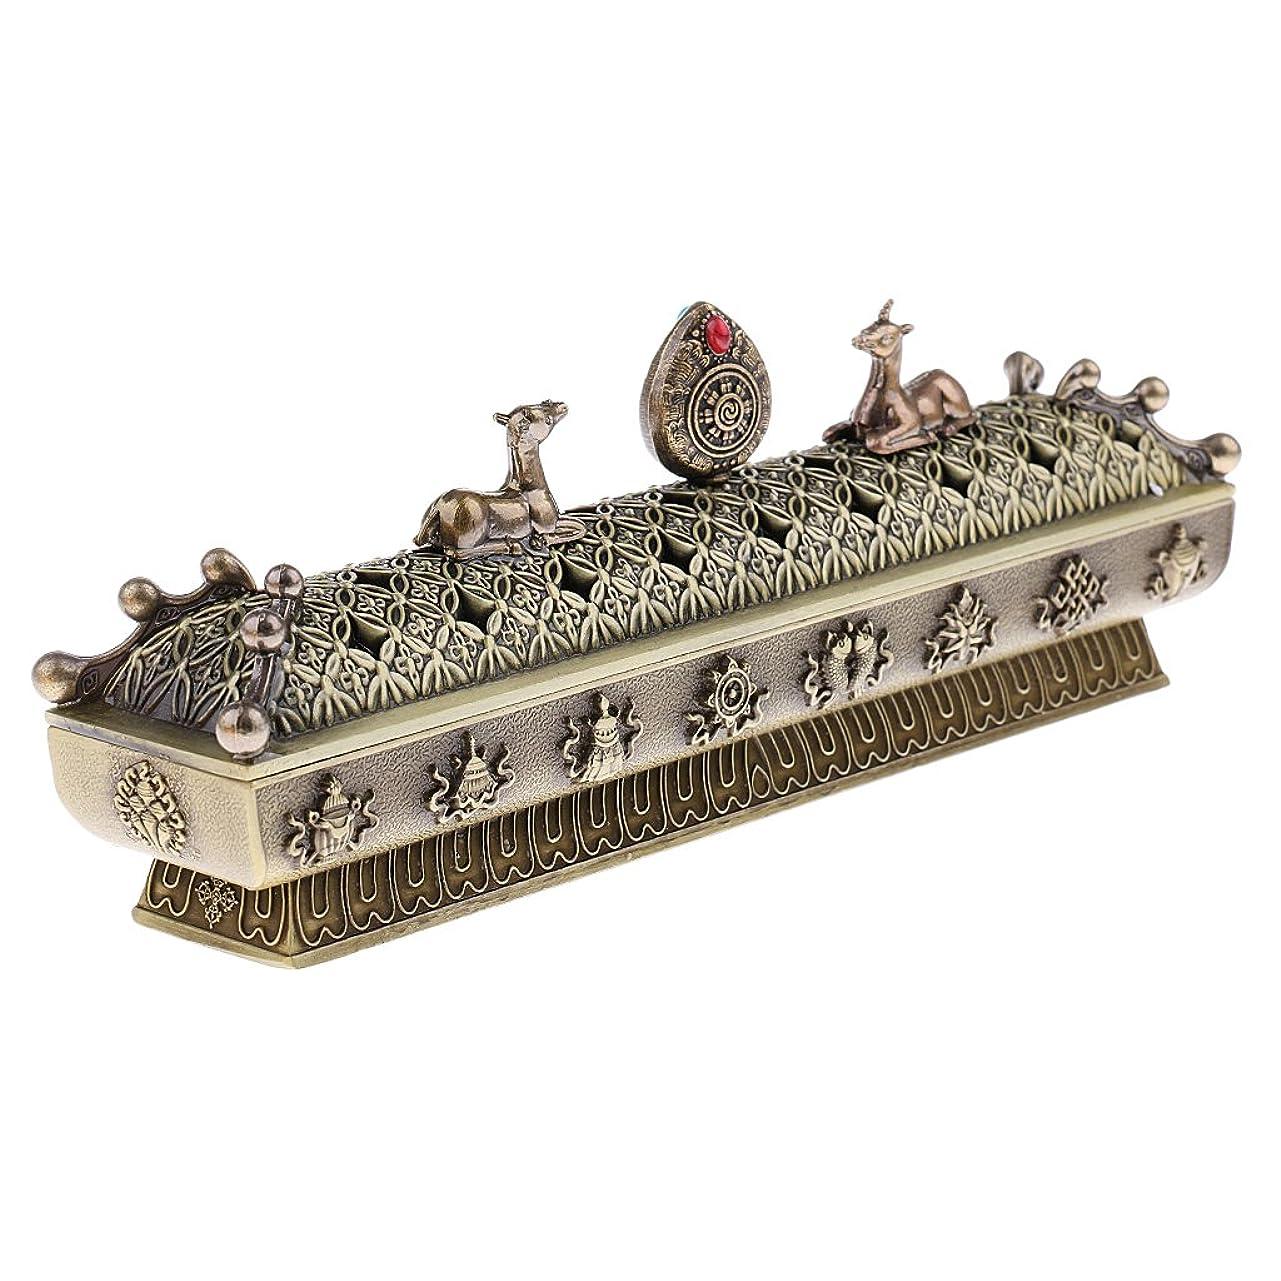 滝マリン割れ目SONONIA 仏教 コーン 香りバーナー アッシュキャッチャー 香炉 全3色 - ブロンズ